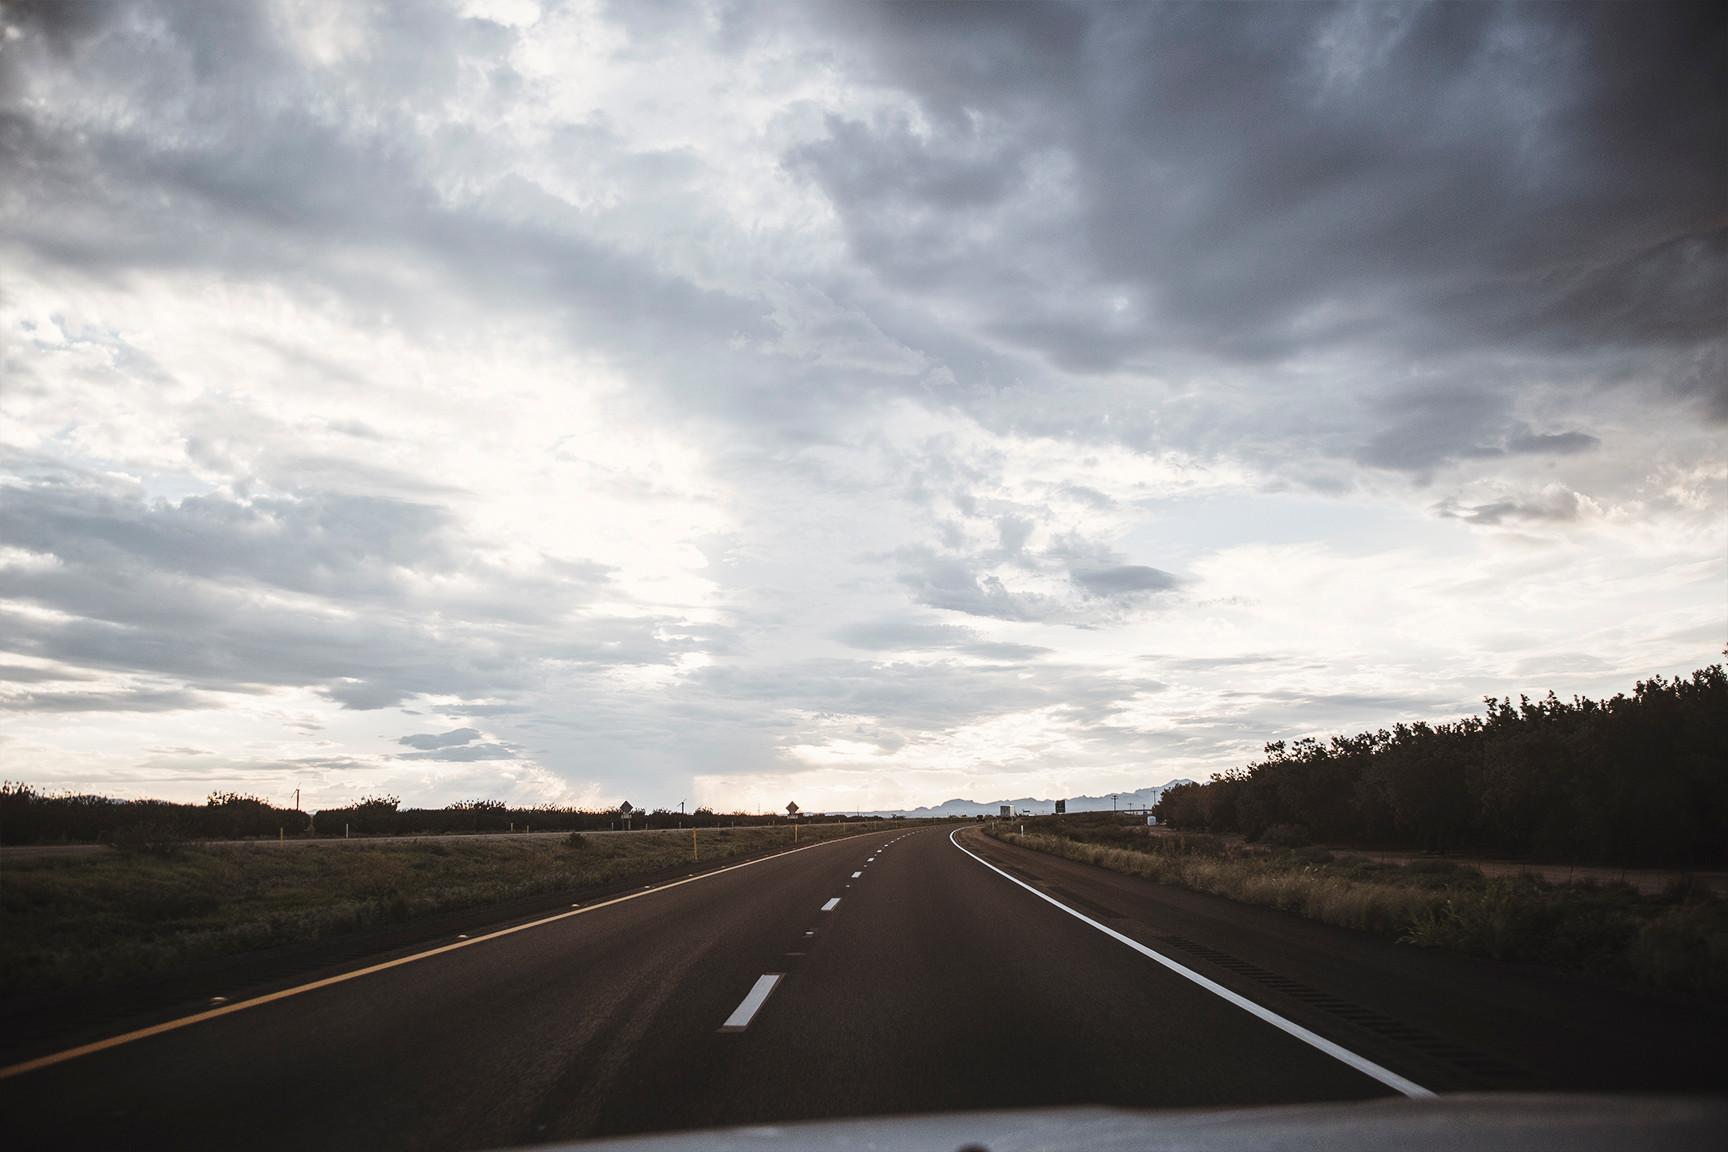 roadandroad.jpg